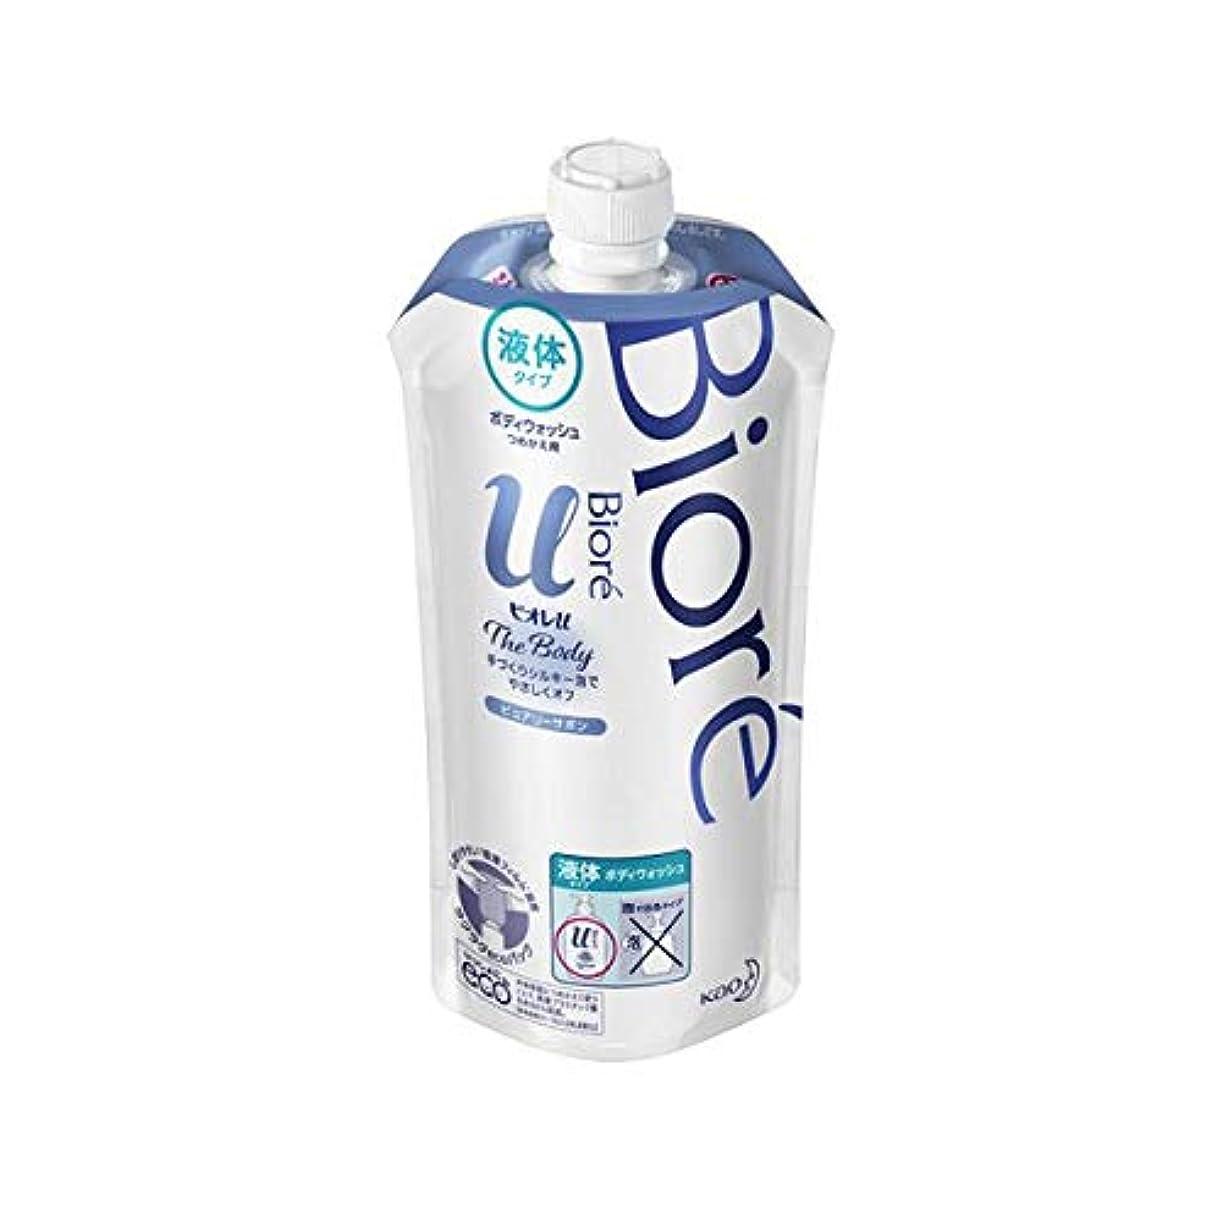 一時停止顔料委任花王 ビオレu ザ ボディ液体ピュアリーサボンの香り 詰替え用 340ml